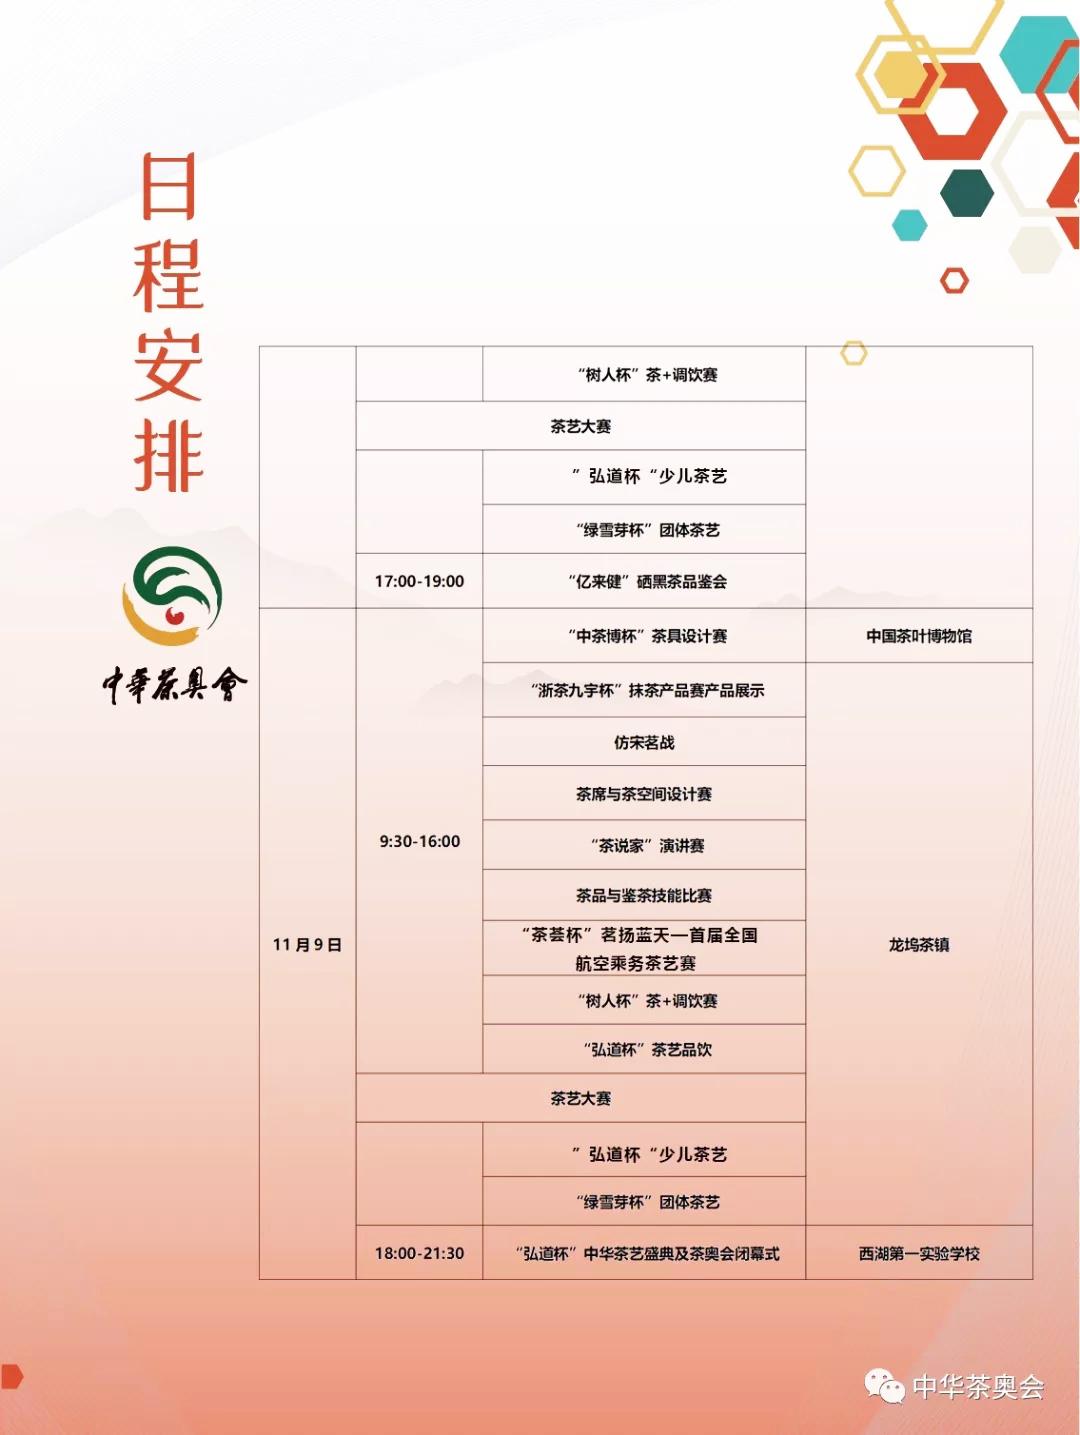 第六届中华茶奥会日程表